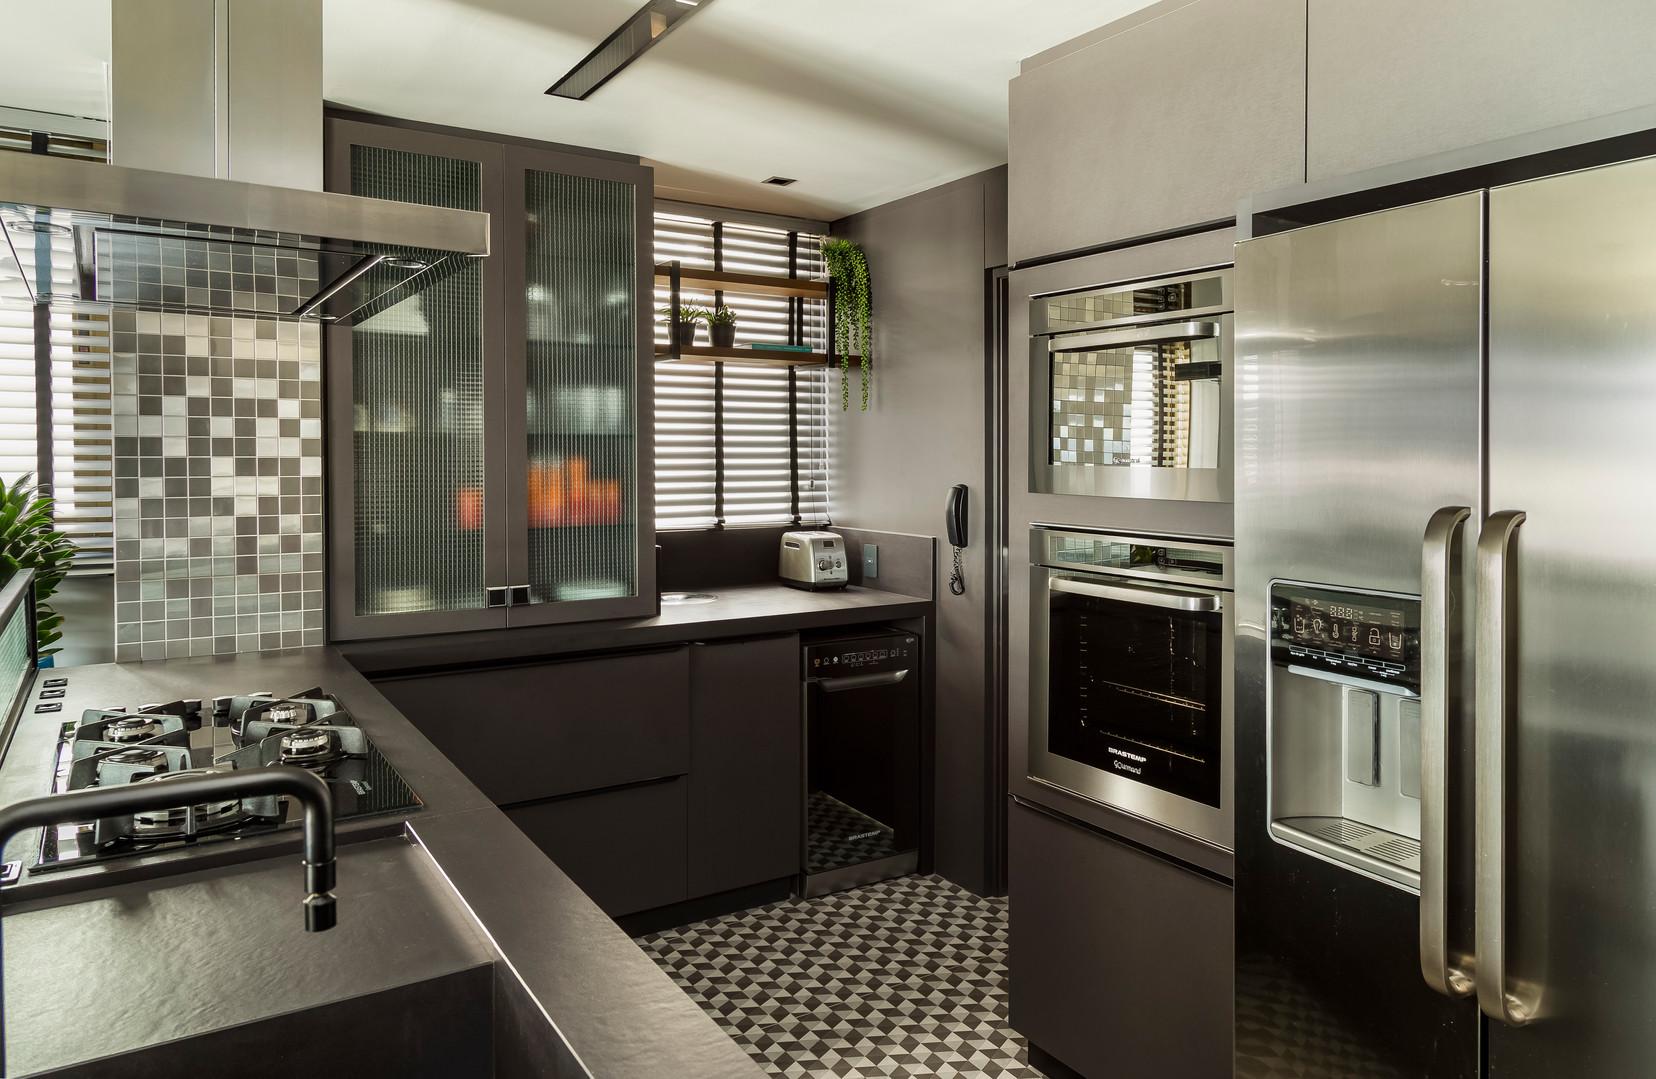 Cozinha arquiteta Ana Trevisan Florianop